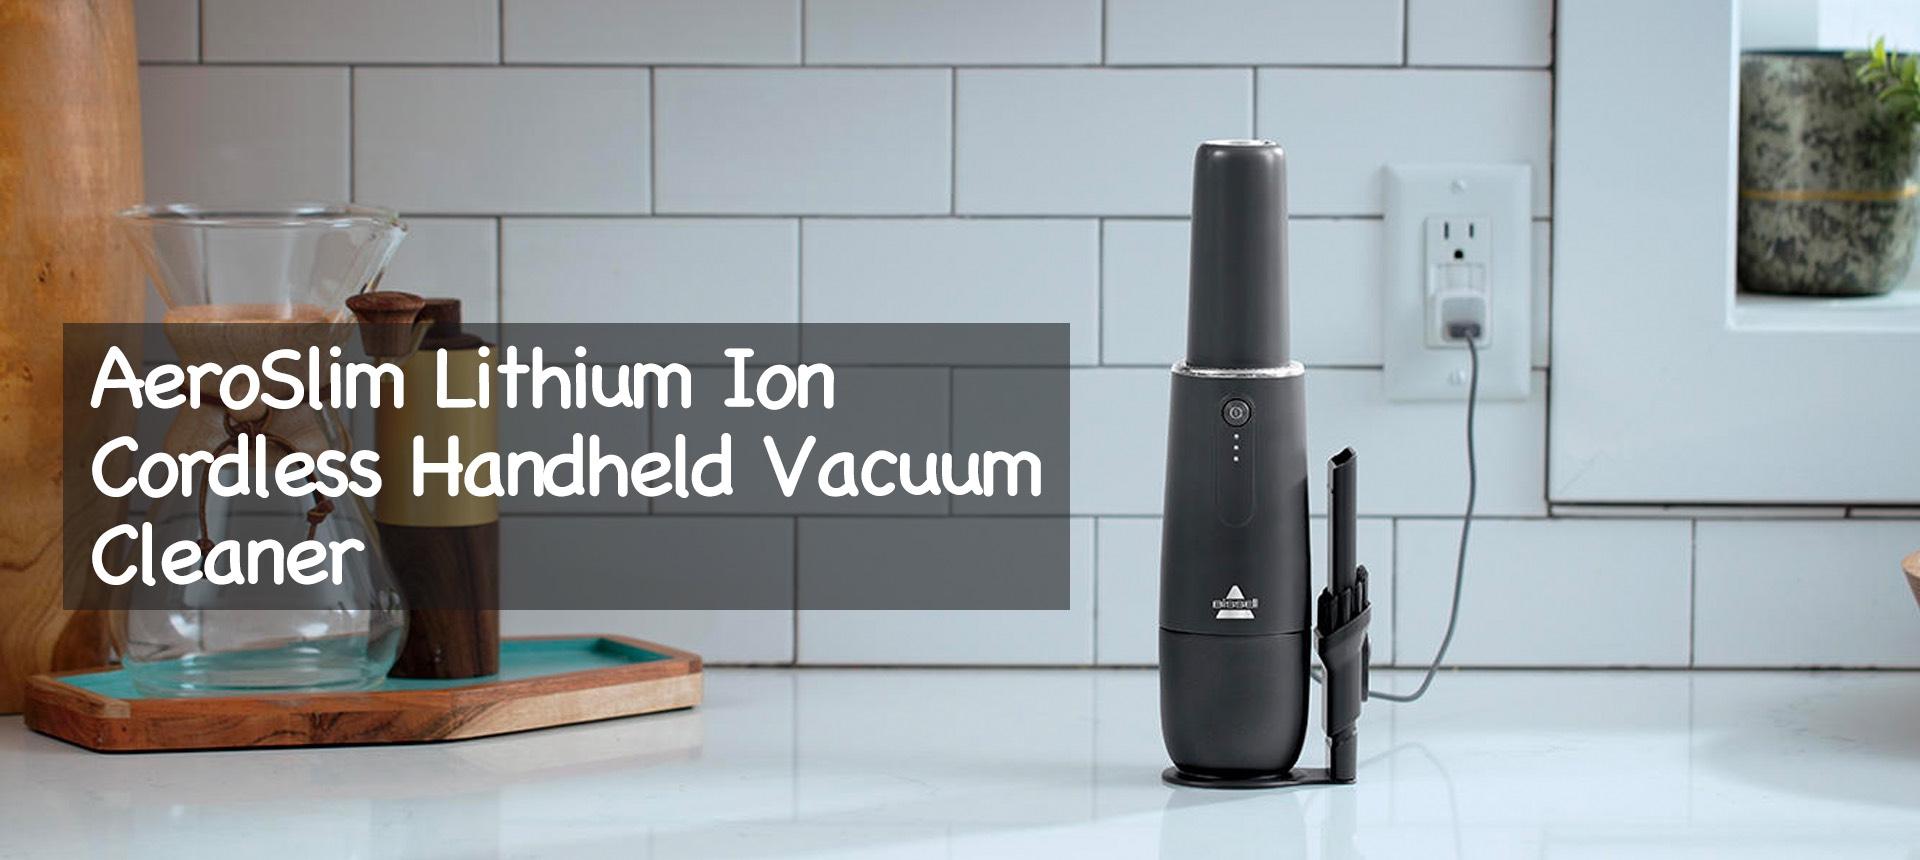 AeroSlim Lithium Ion Cordless Handheld Vacuum Cleaner